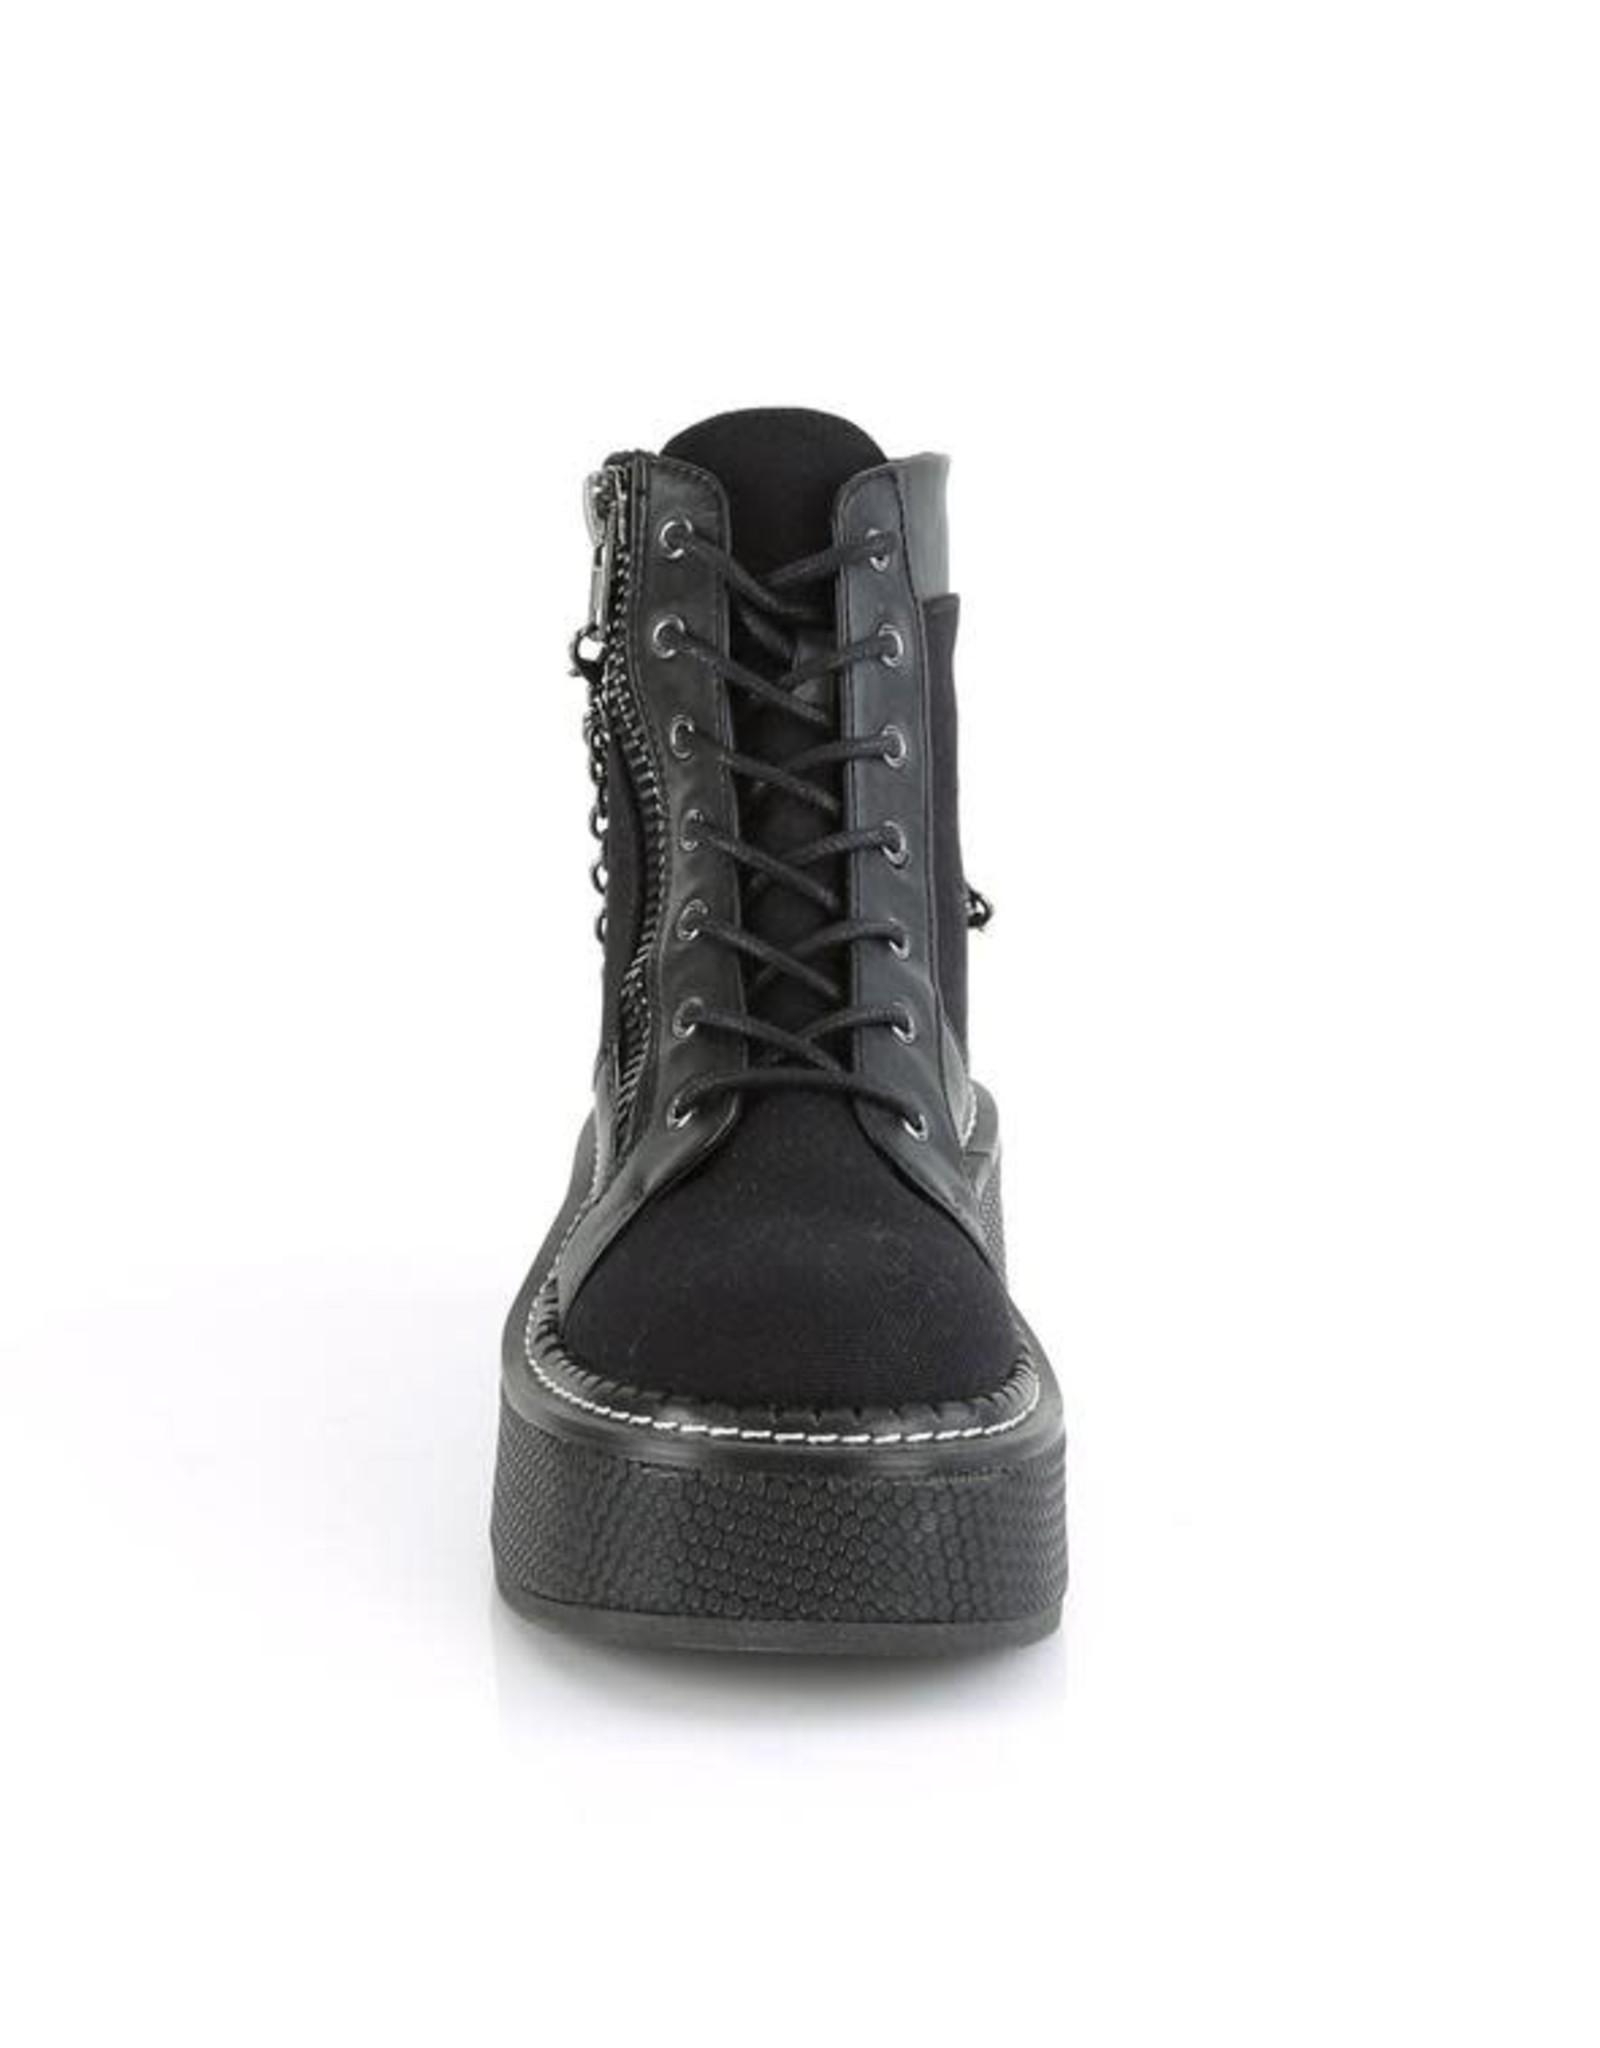 """DEMONIA EMILY-114 2"""" Platform Vegan Black Canvas Lace-Up Bootie, Outer Metal Zipper D49VBC"""